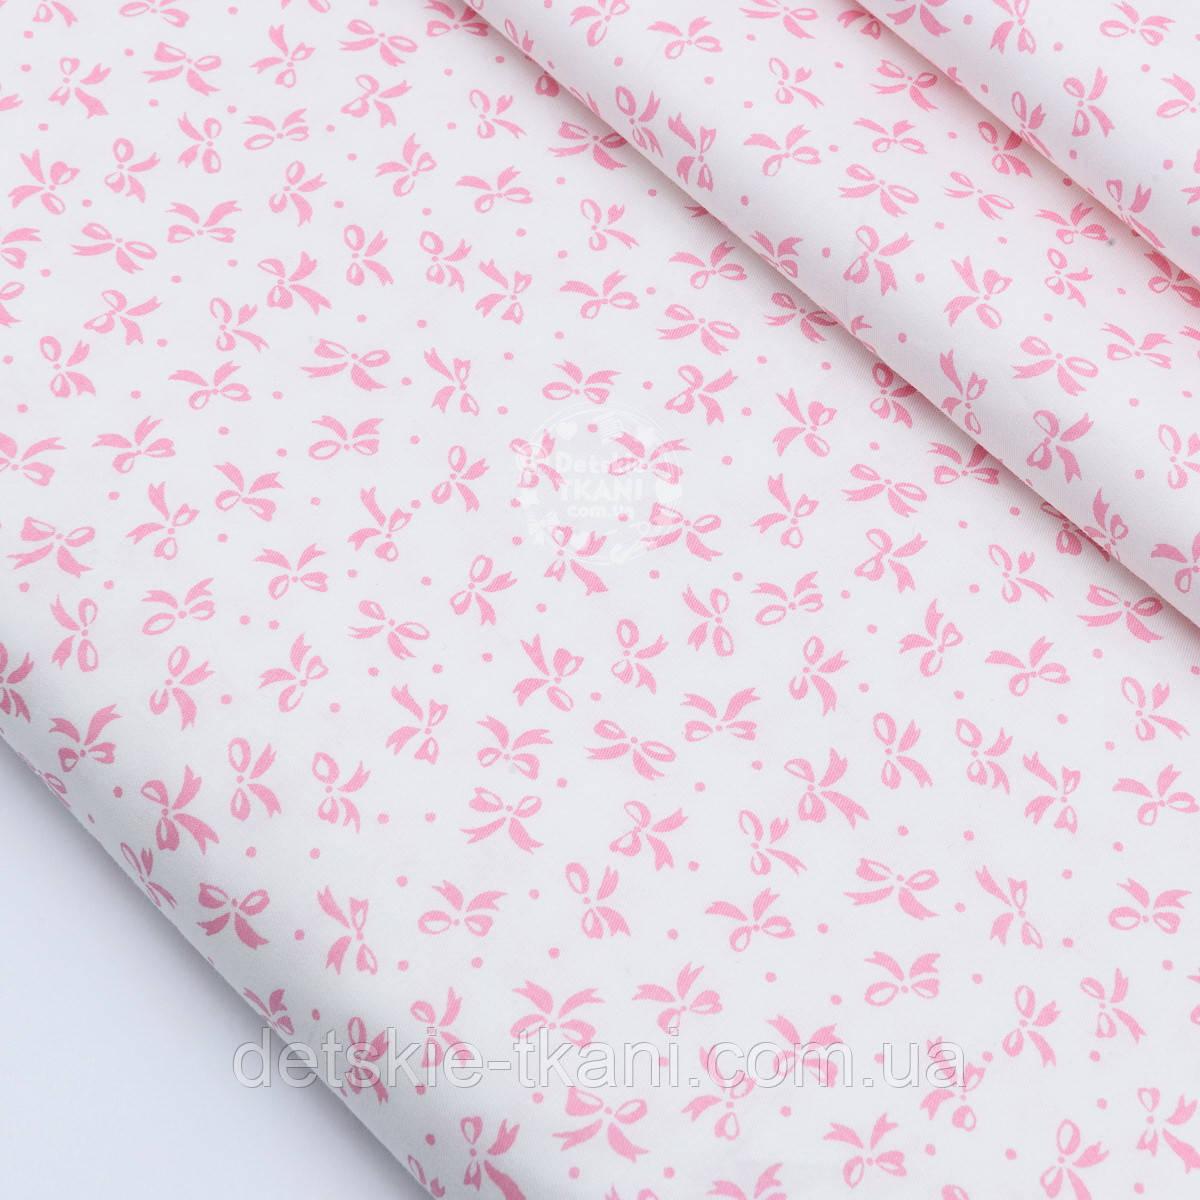 """Сатин ткань """"Густые бантики и точки"""" розовые на белом, № 1769с"""